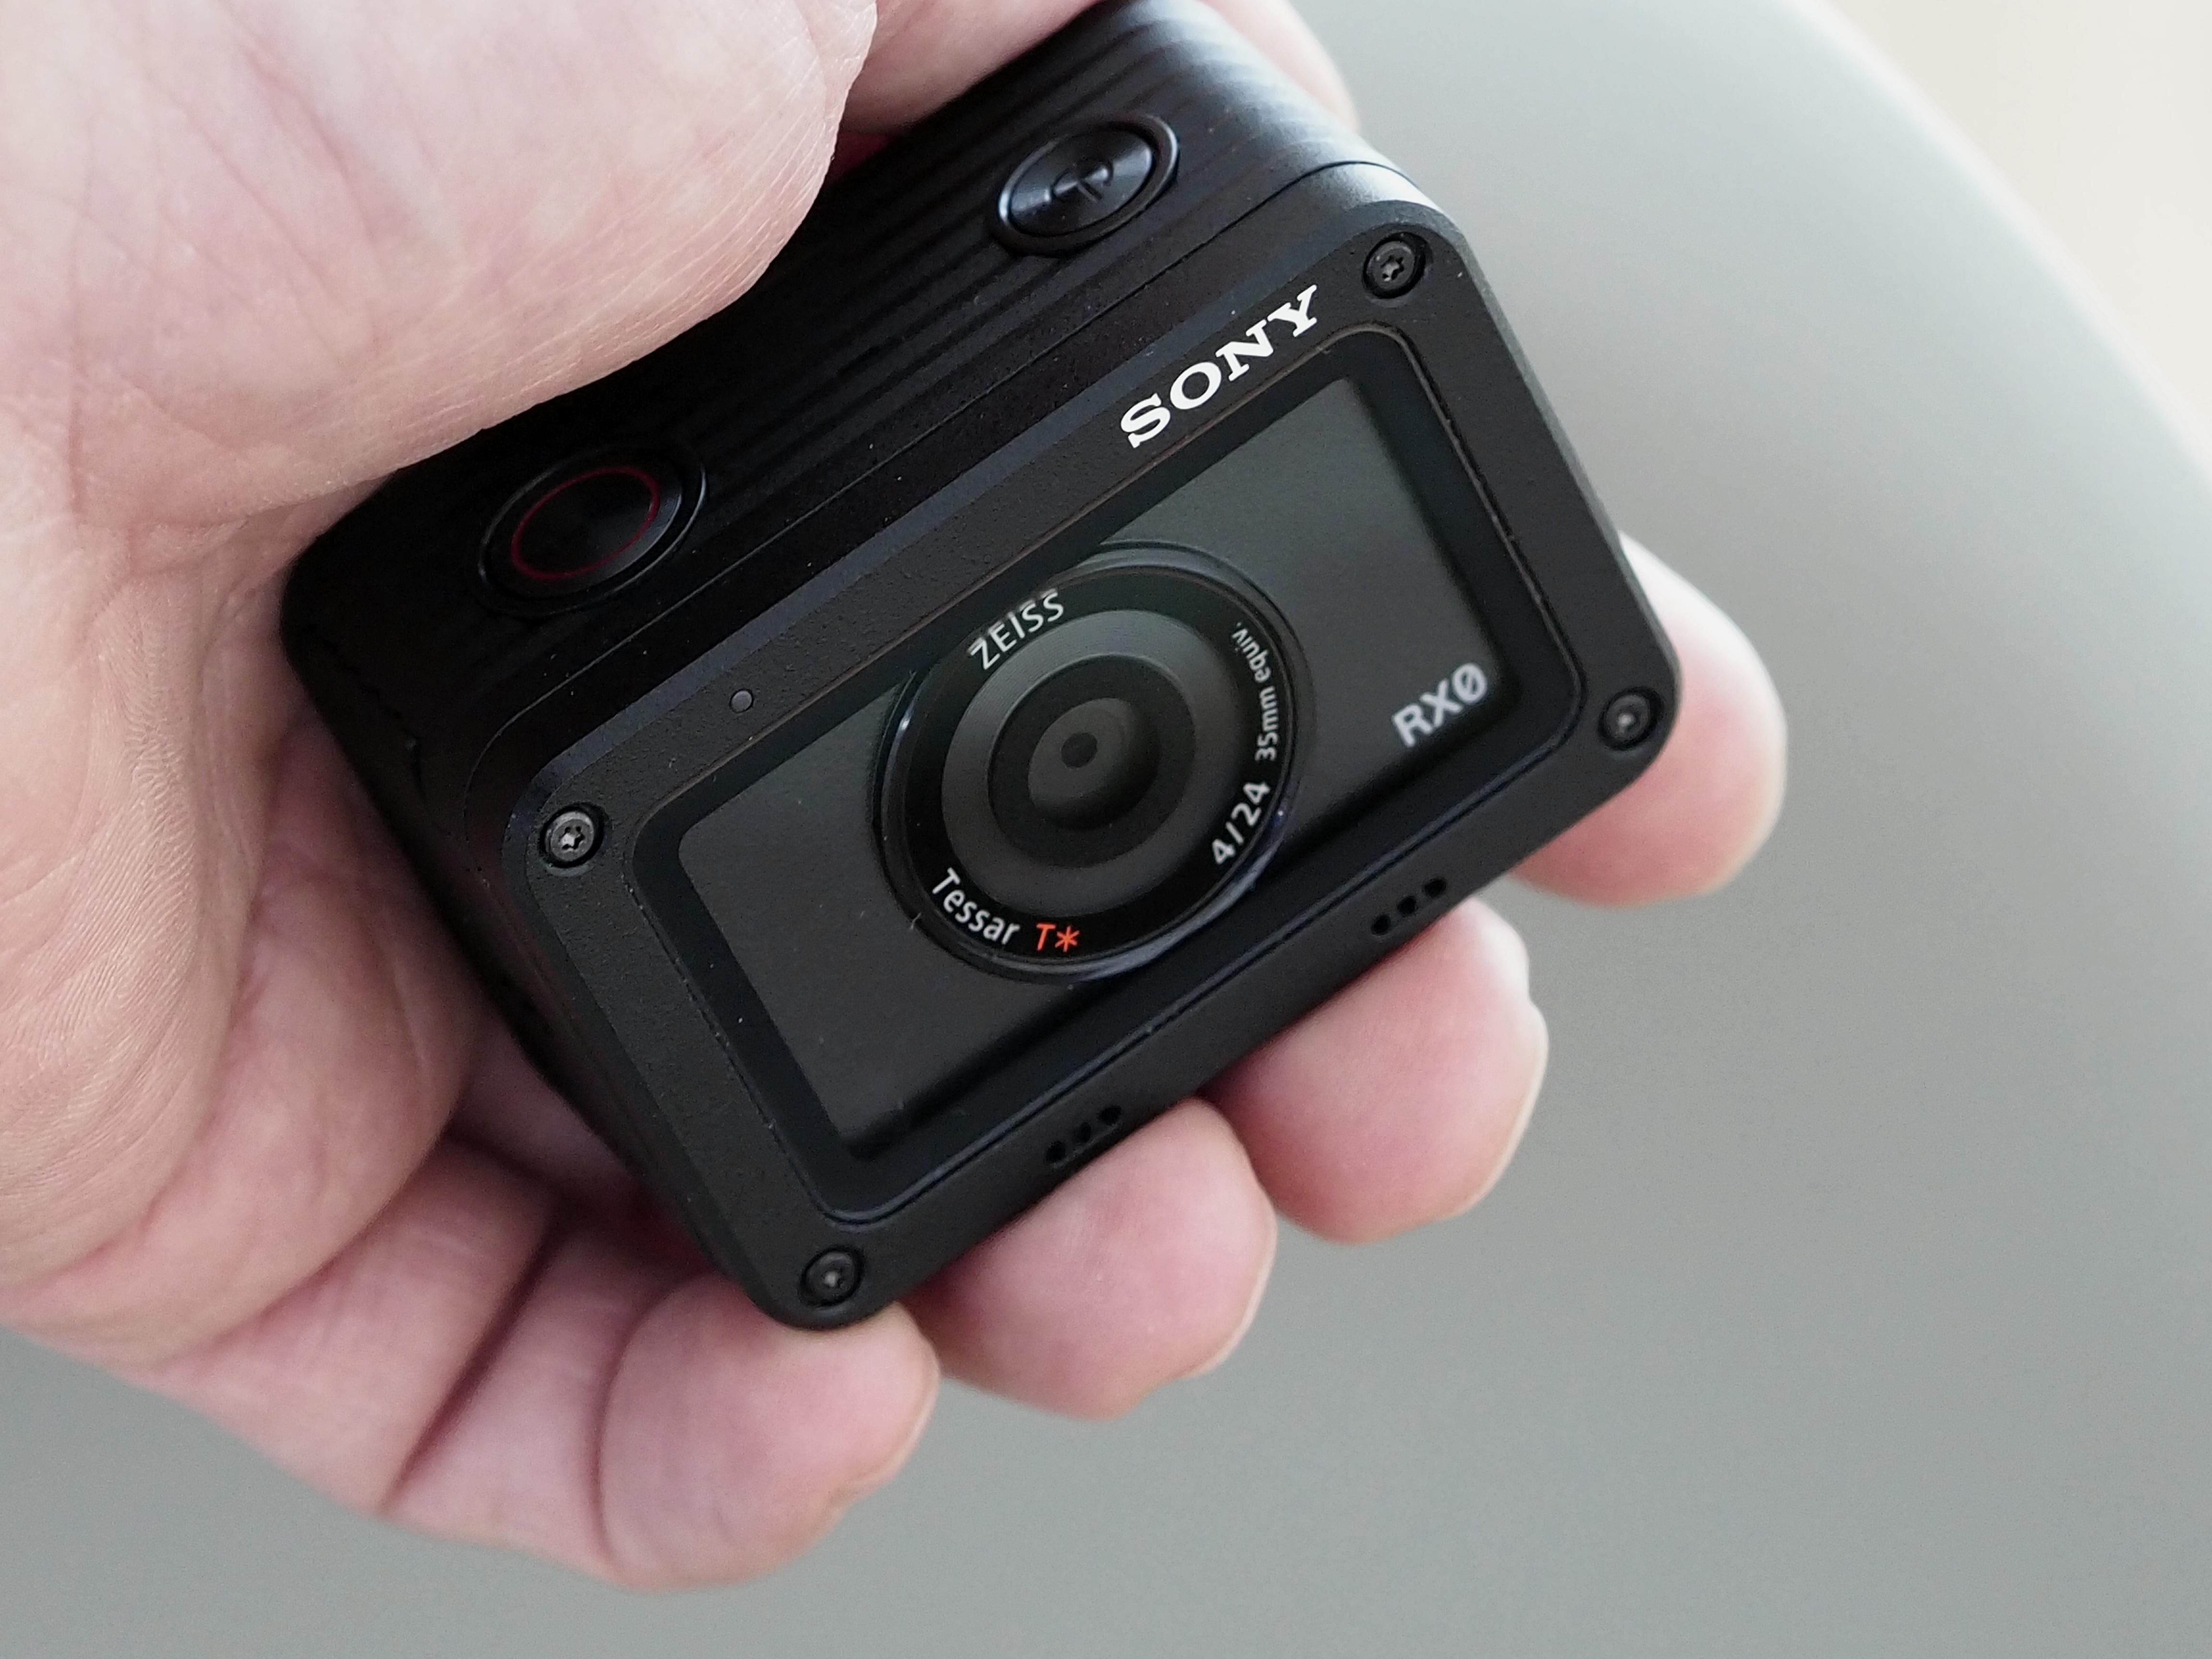 canon utvecklar 8k kamera ljud bild. Black Bedroom Furniture Sets. Home Design Ideas